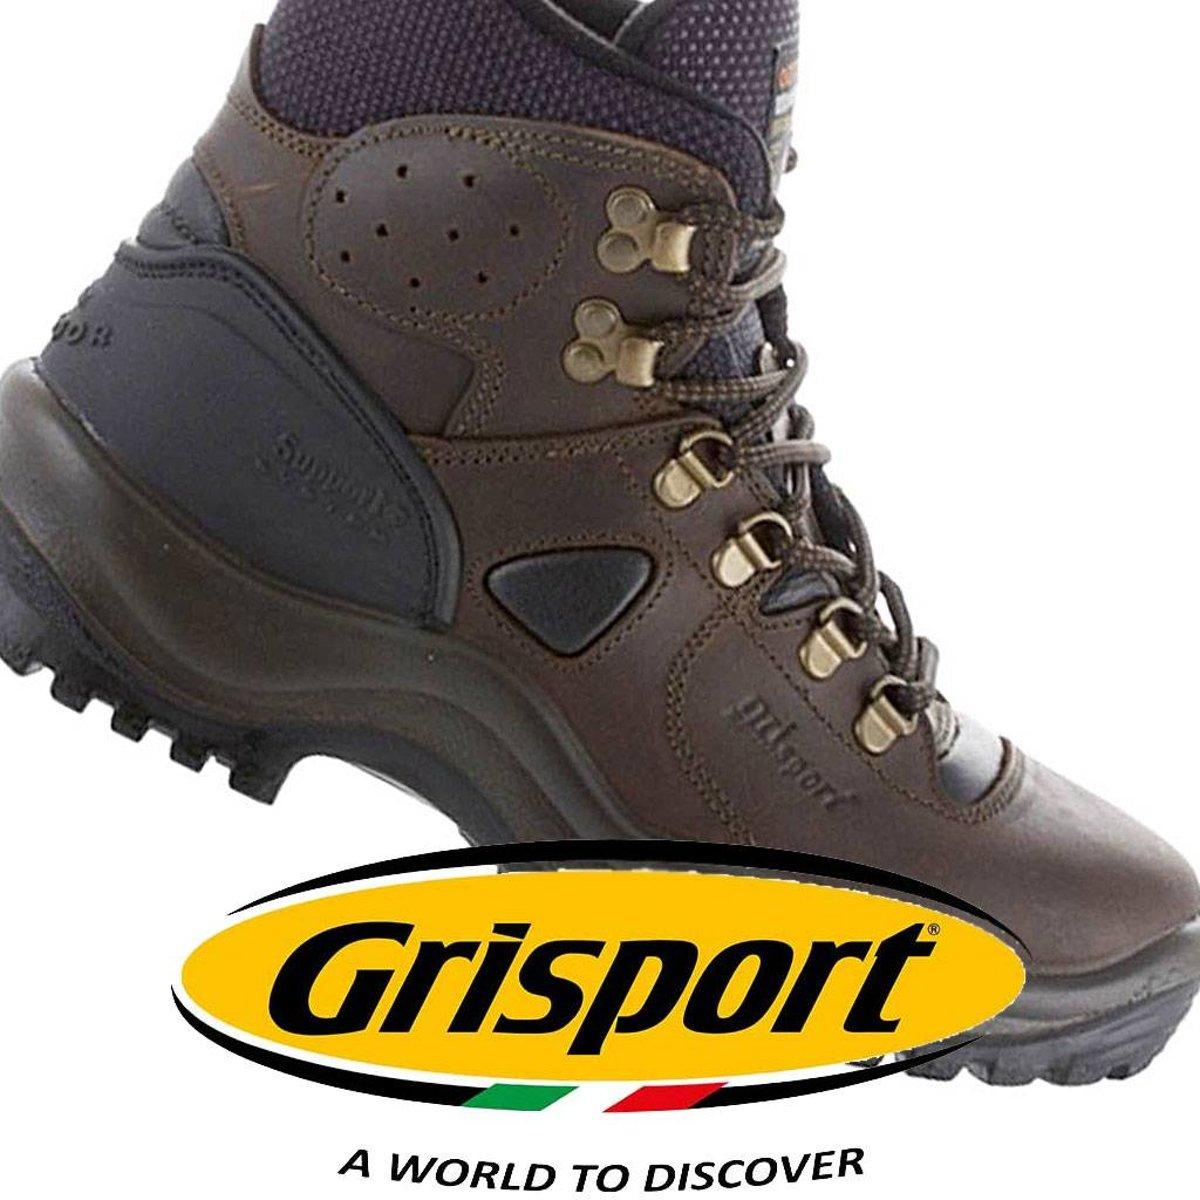 d0440cacf7a bol.com | Grisport Sherpa Wandelschoenen - Unisex - Bruin